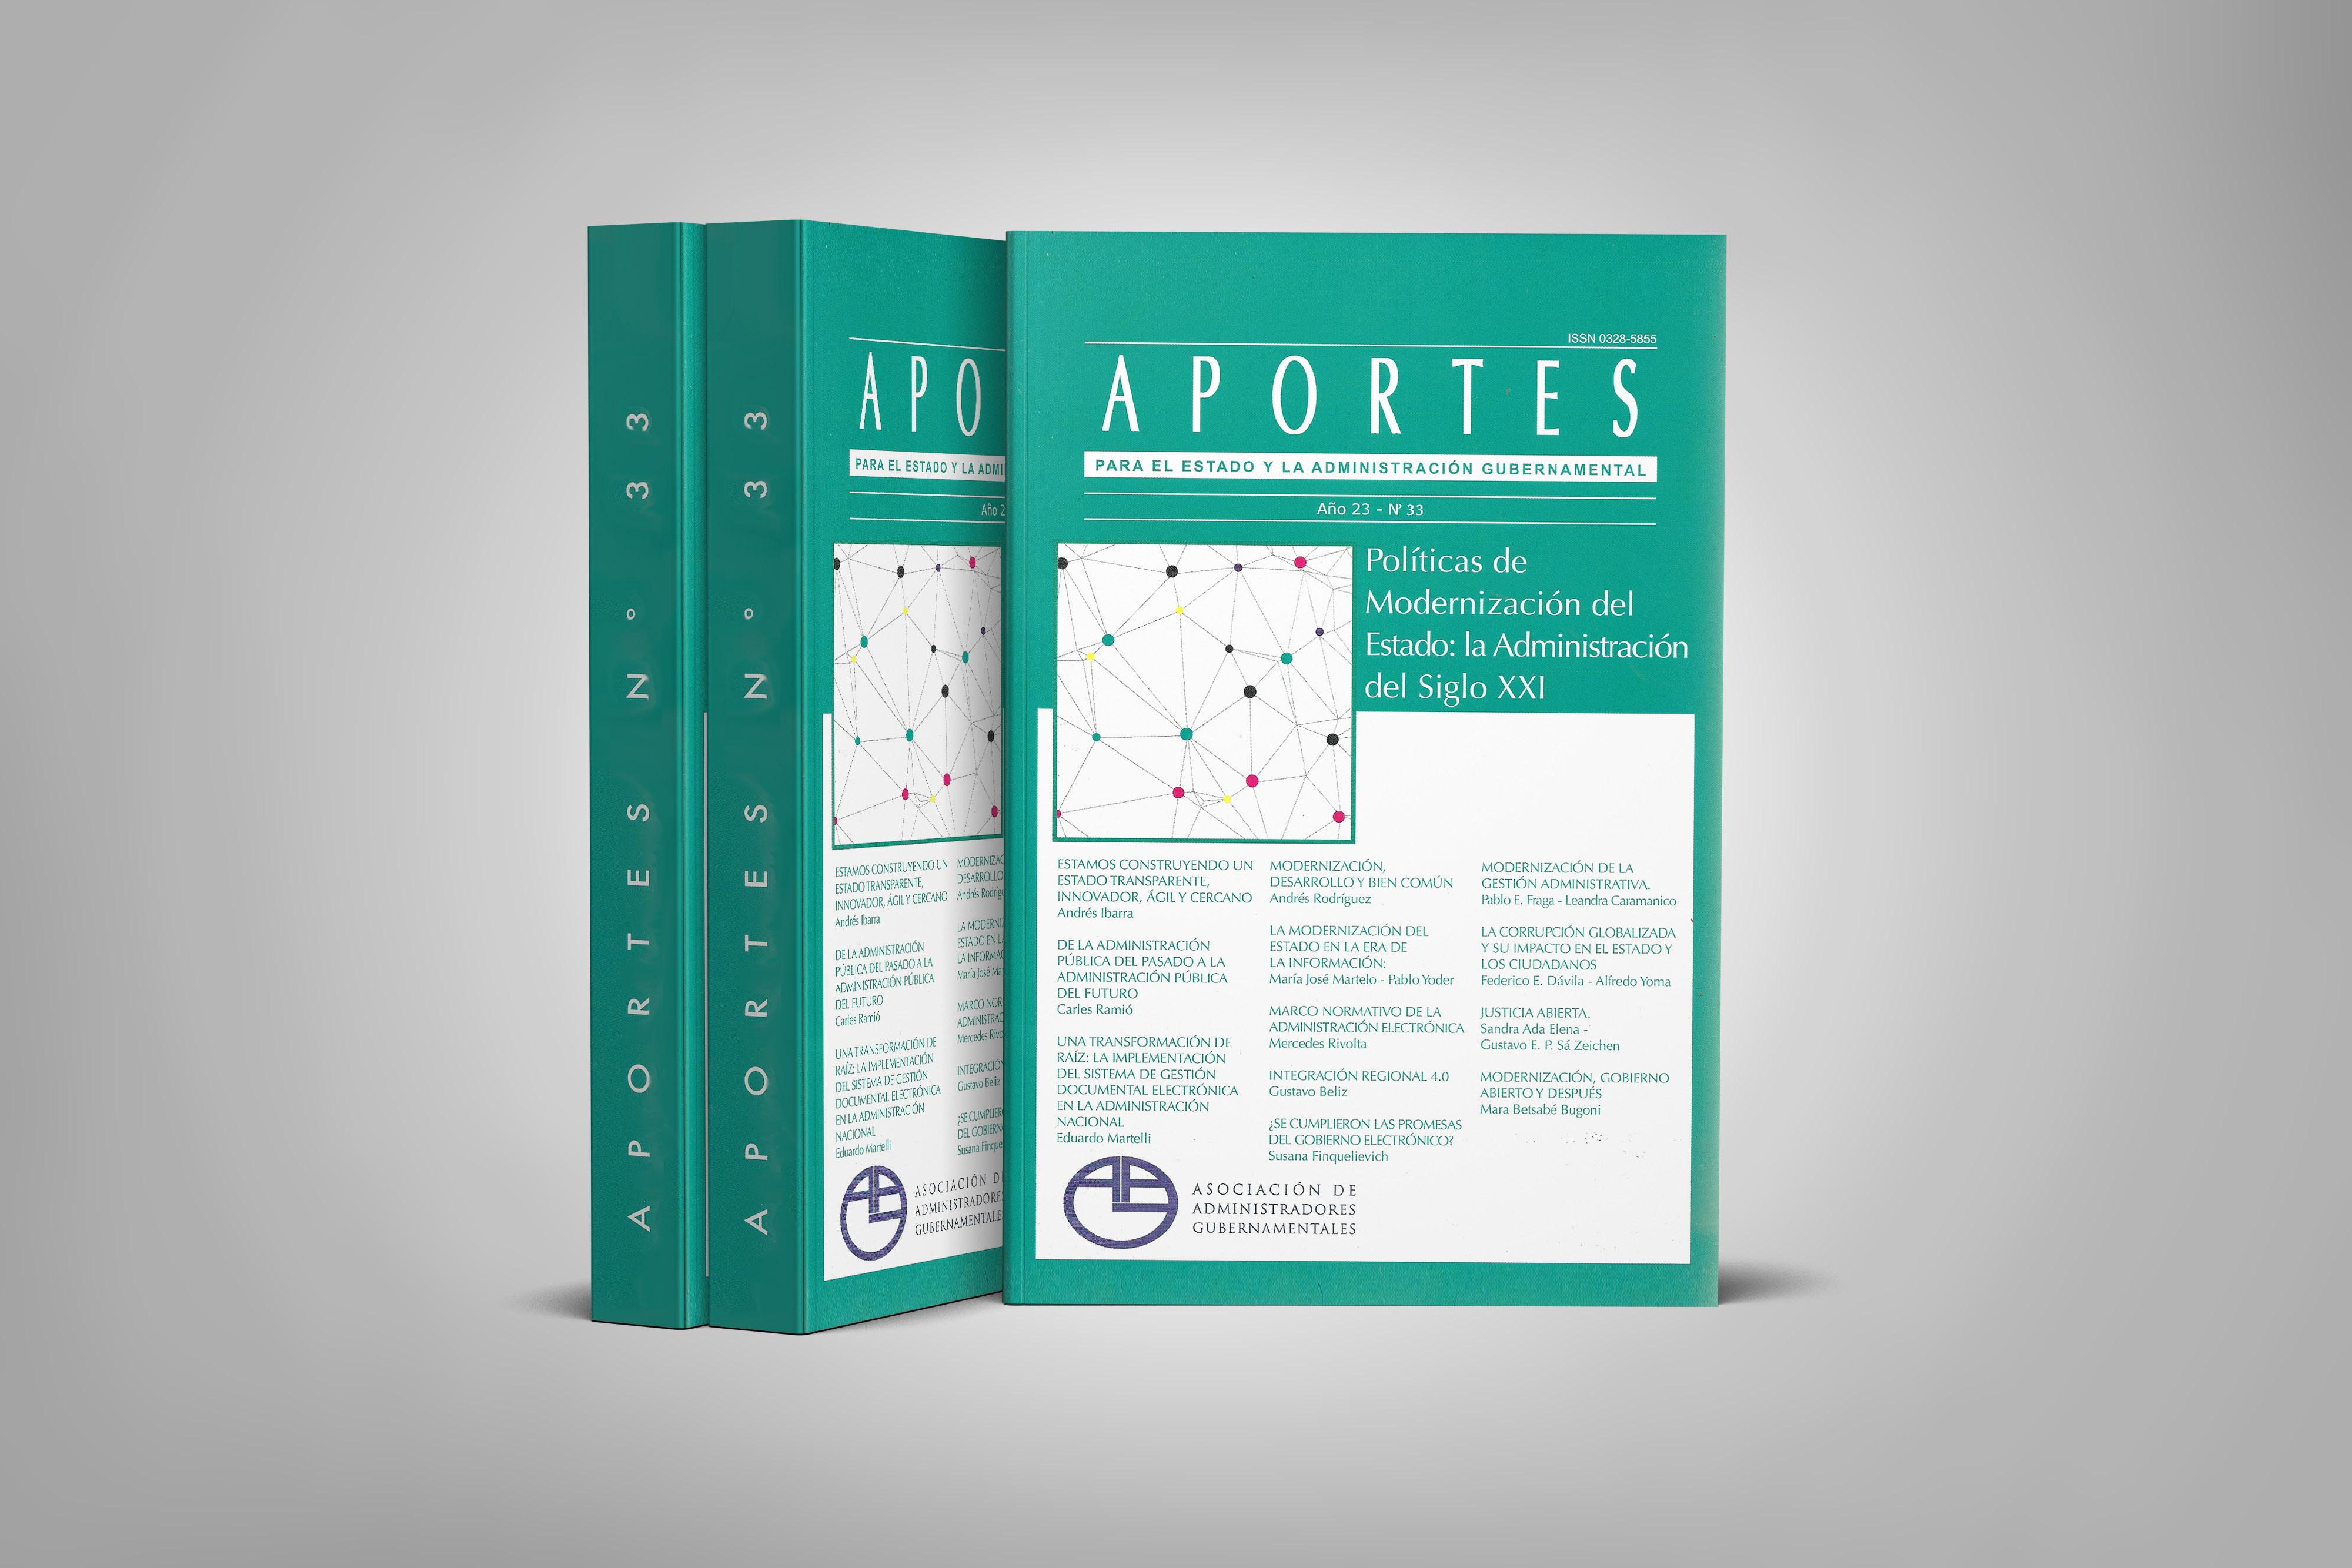 Aportes33